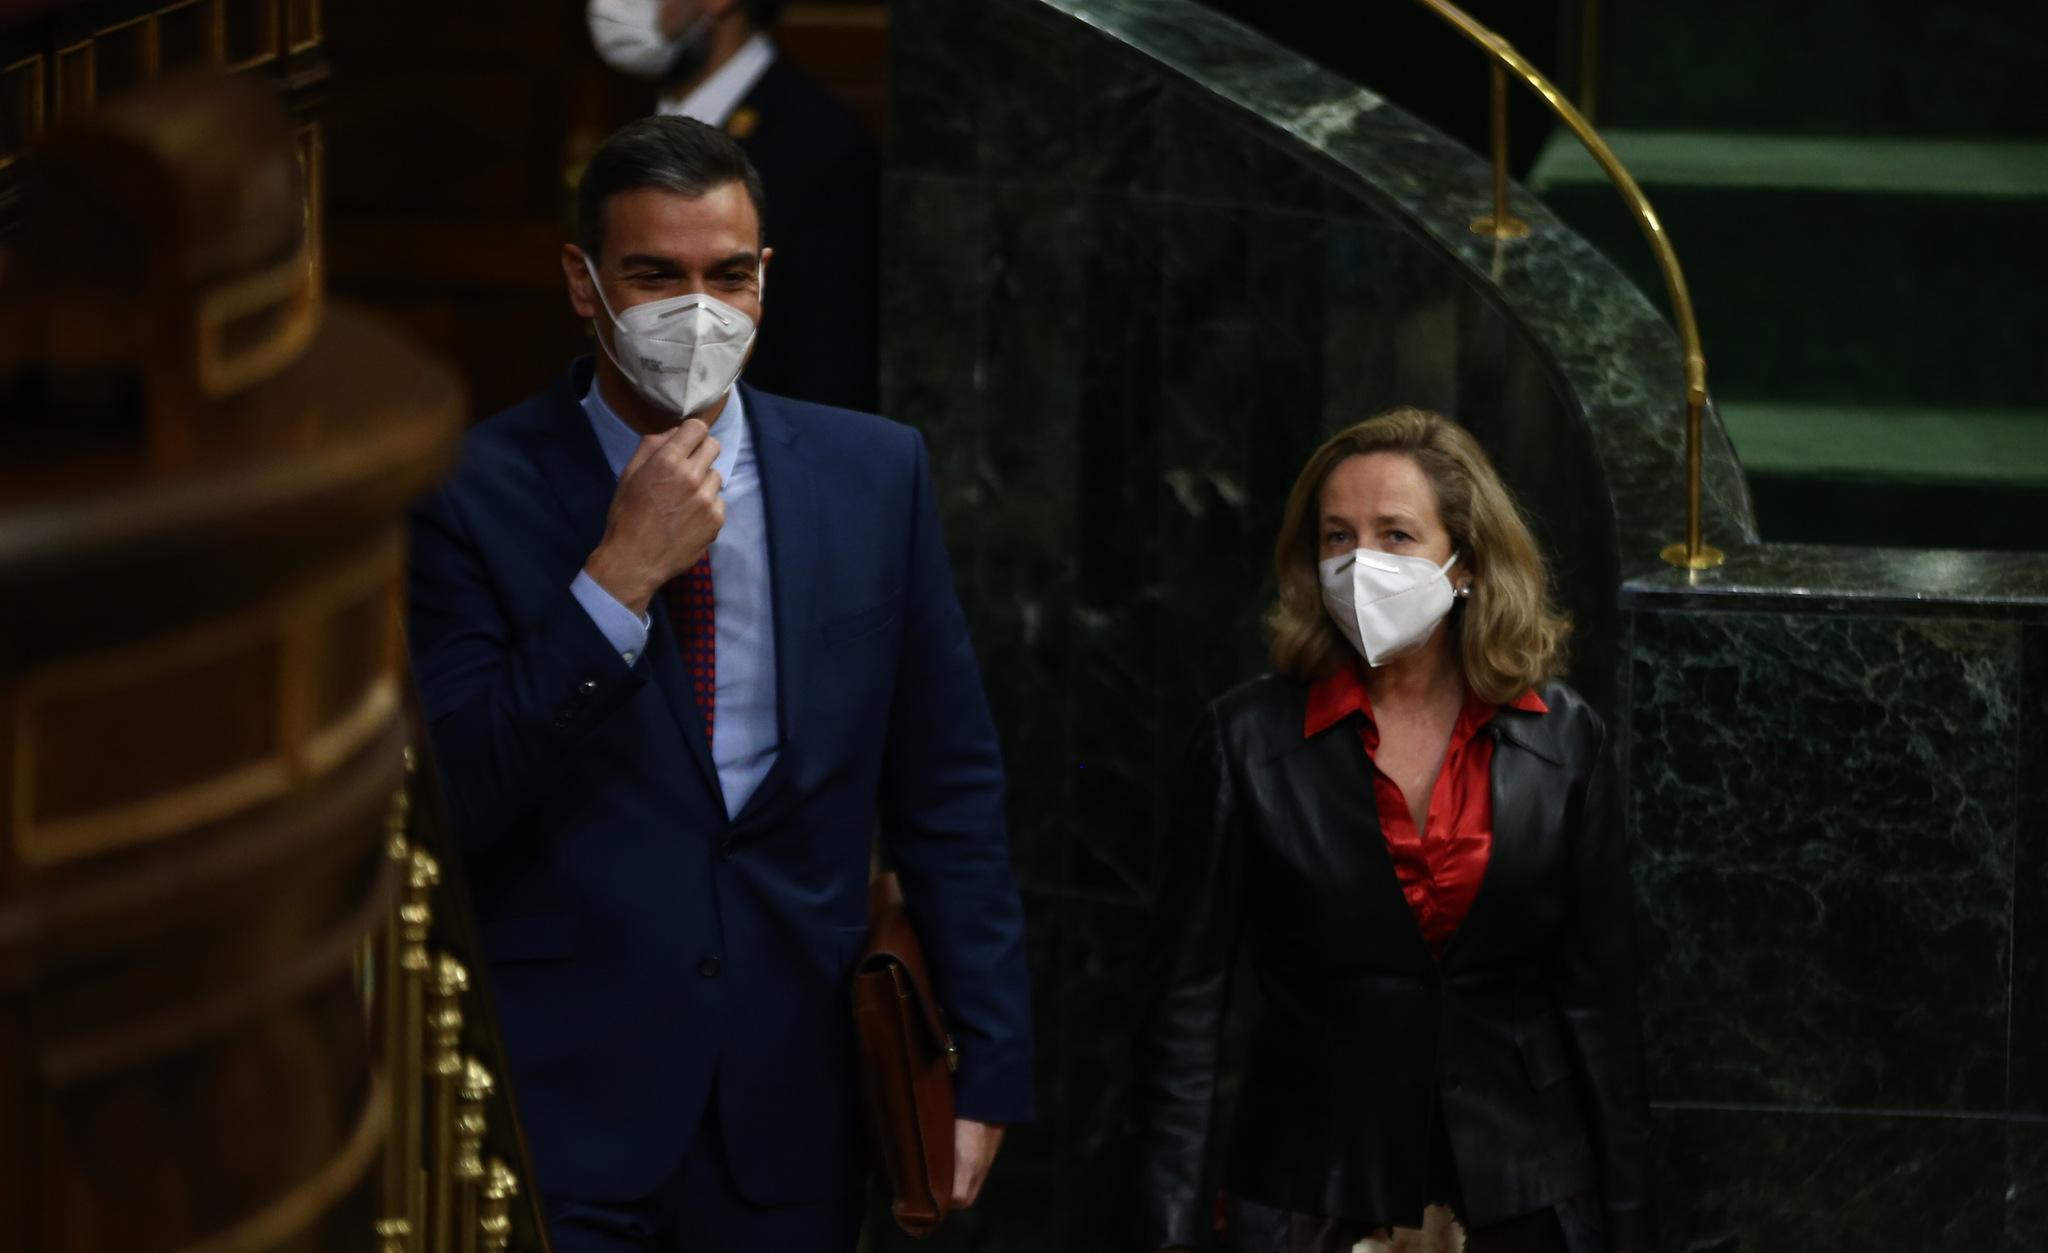 Pedro Sánchez y Nadia Calviño en el Congreso de los Diputados durante una sesión de control al Gobierno.